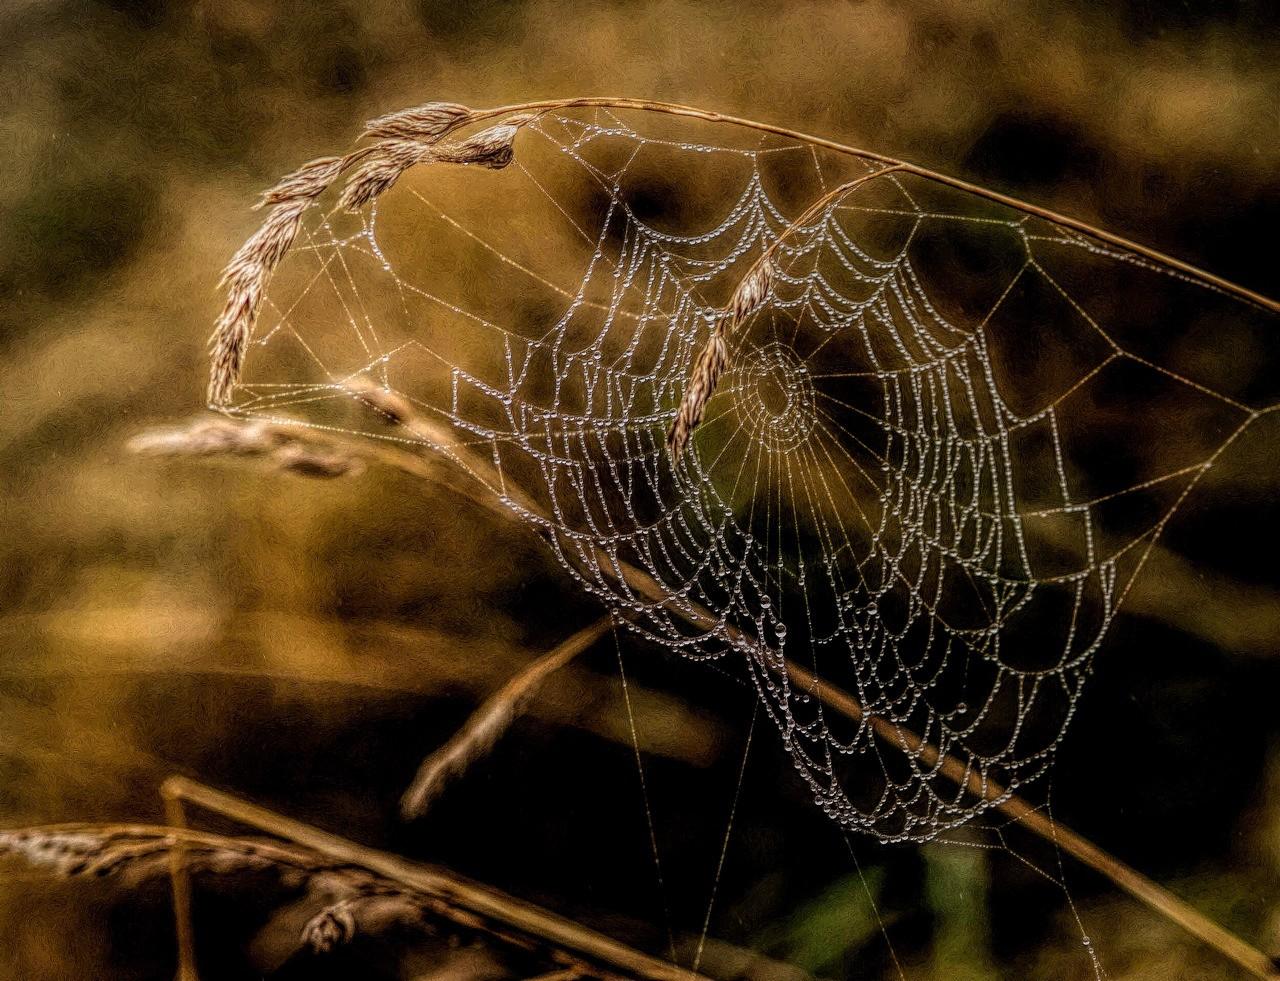 Spiders Den